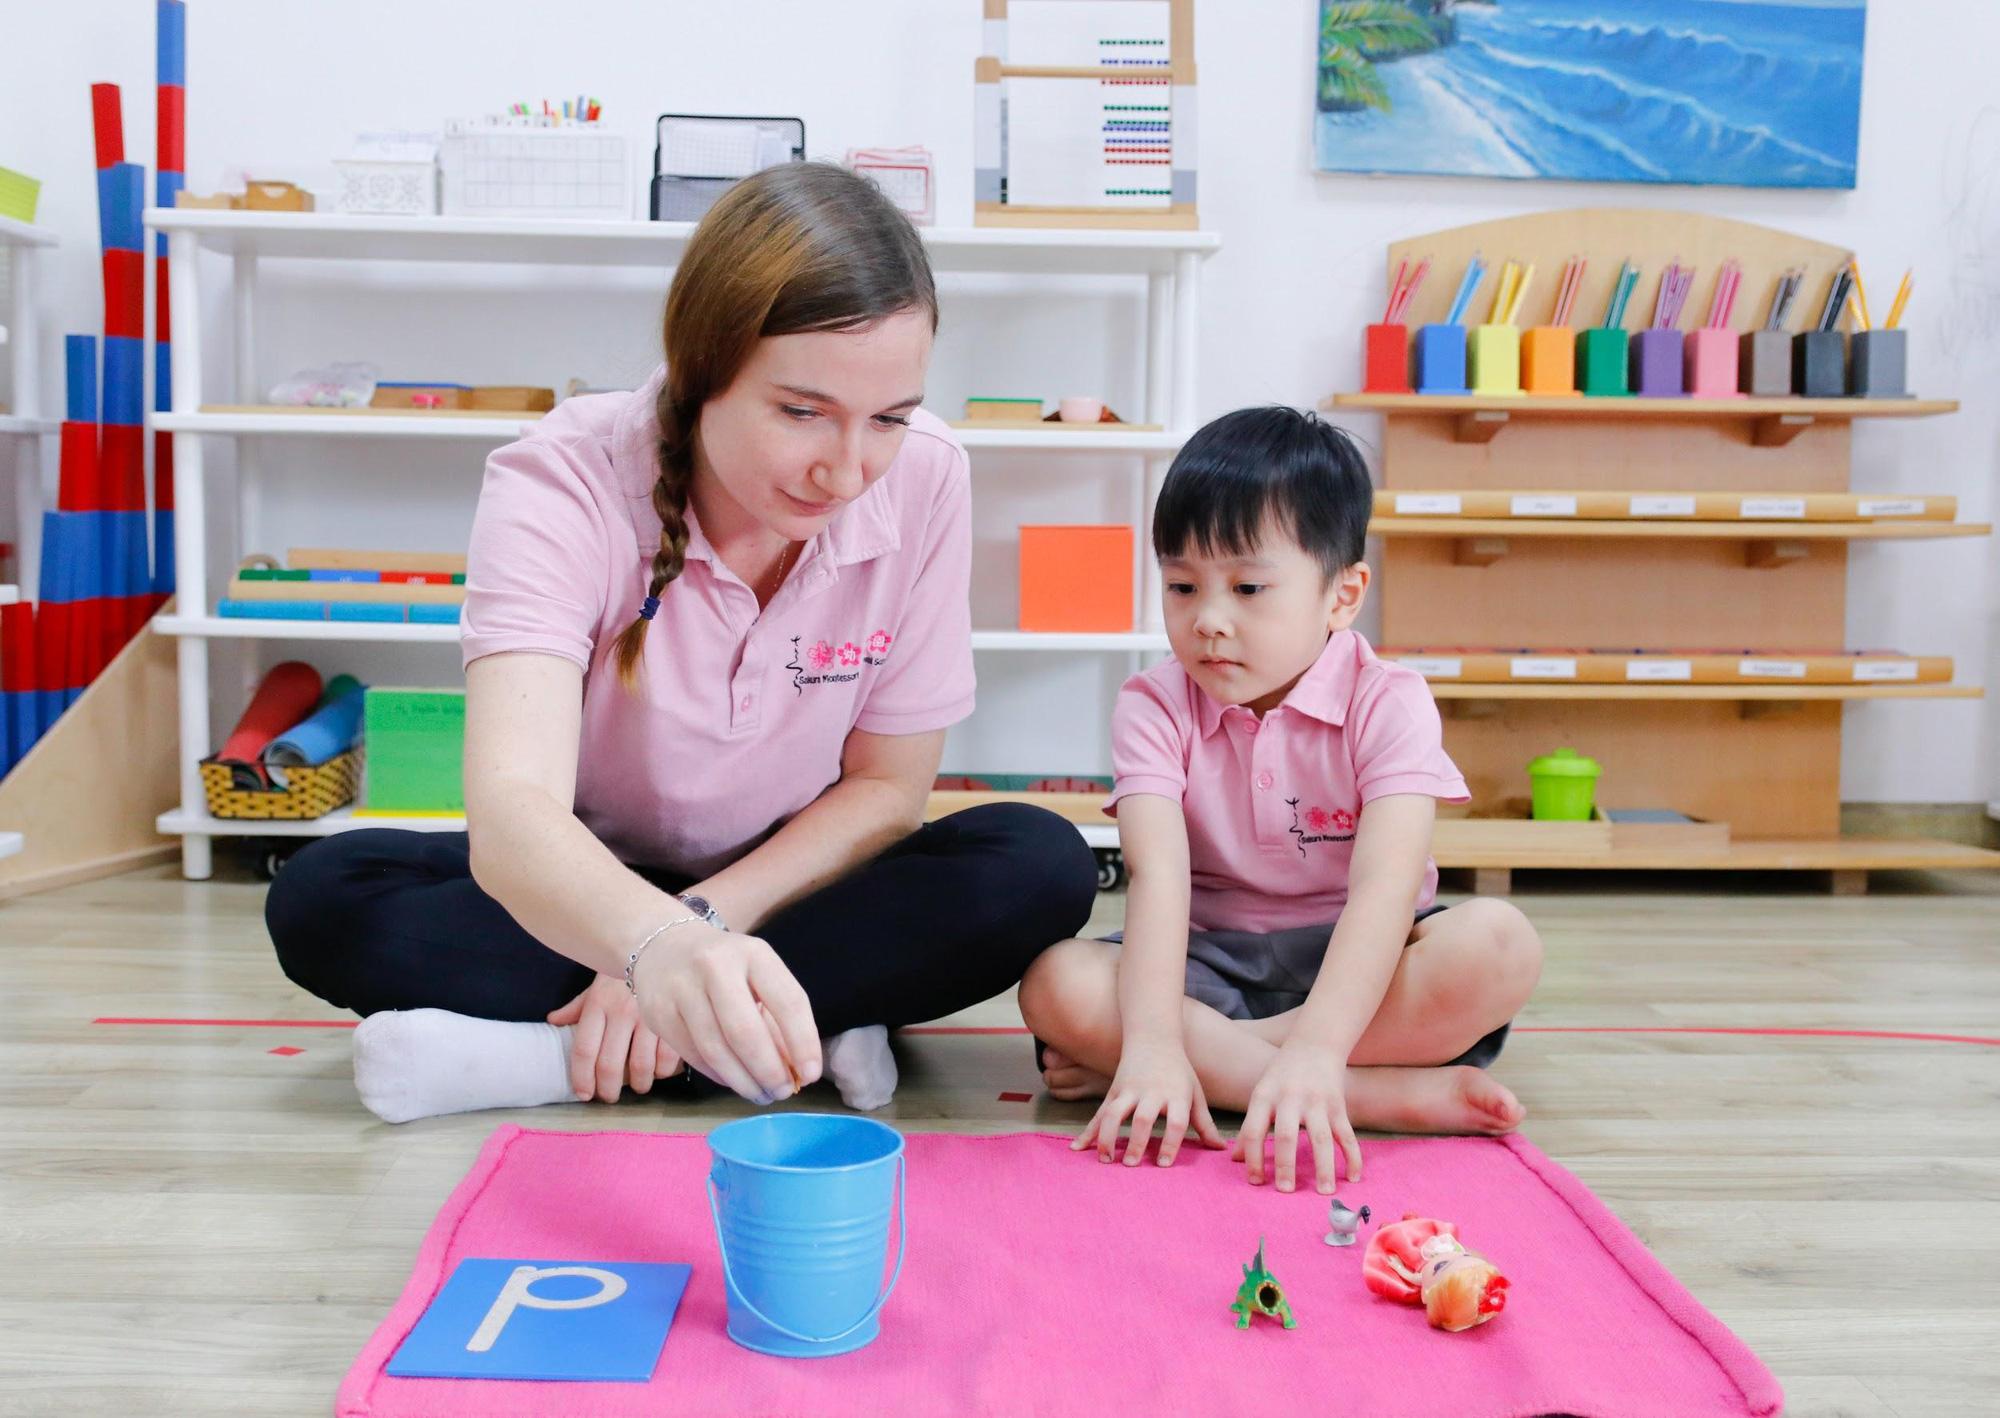 Khám phá trường mầm non tiên phong phương pháp Montessori tại Việt Nam - Ảnh 1.